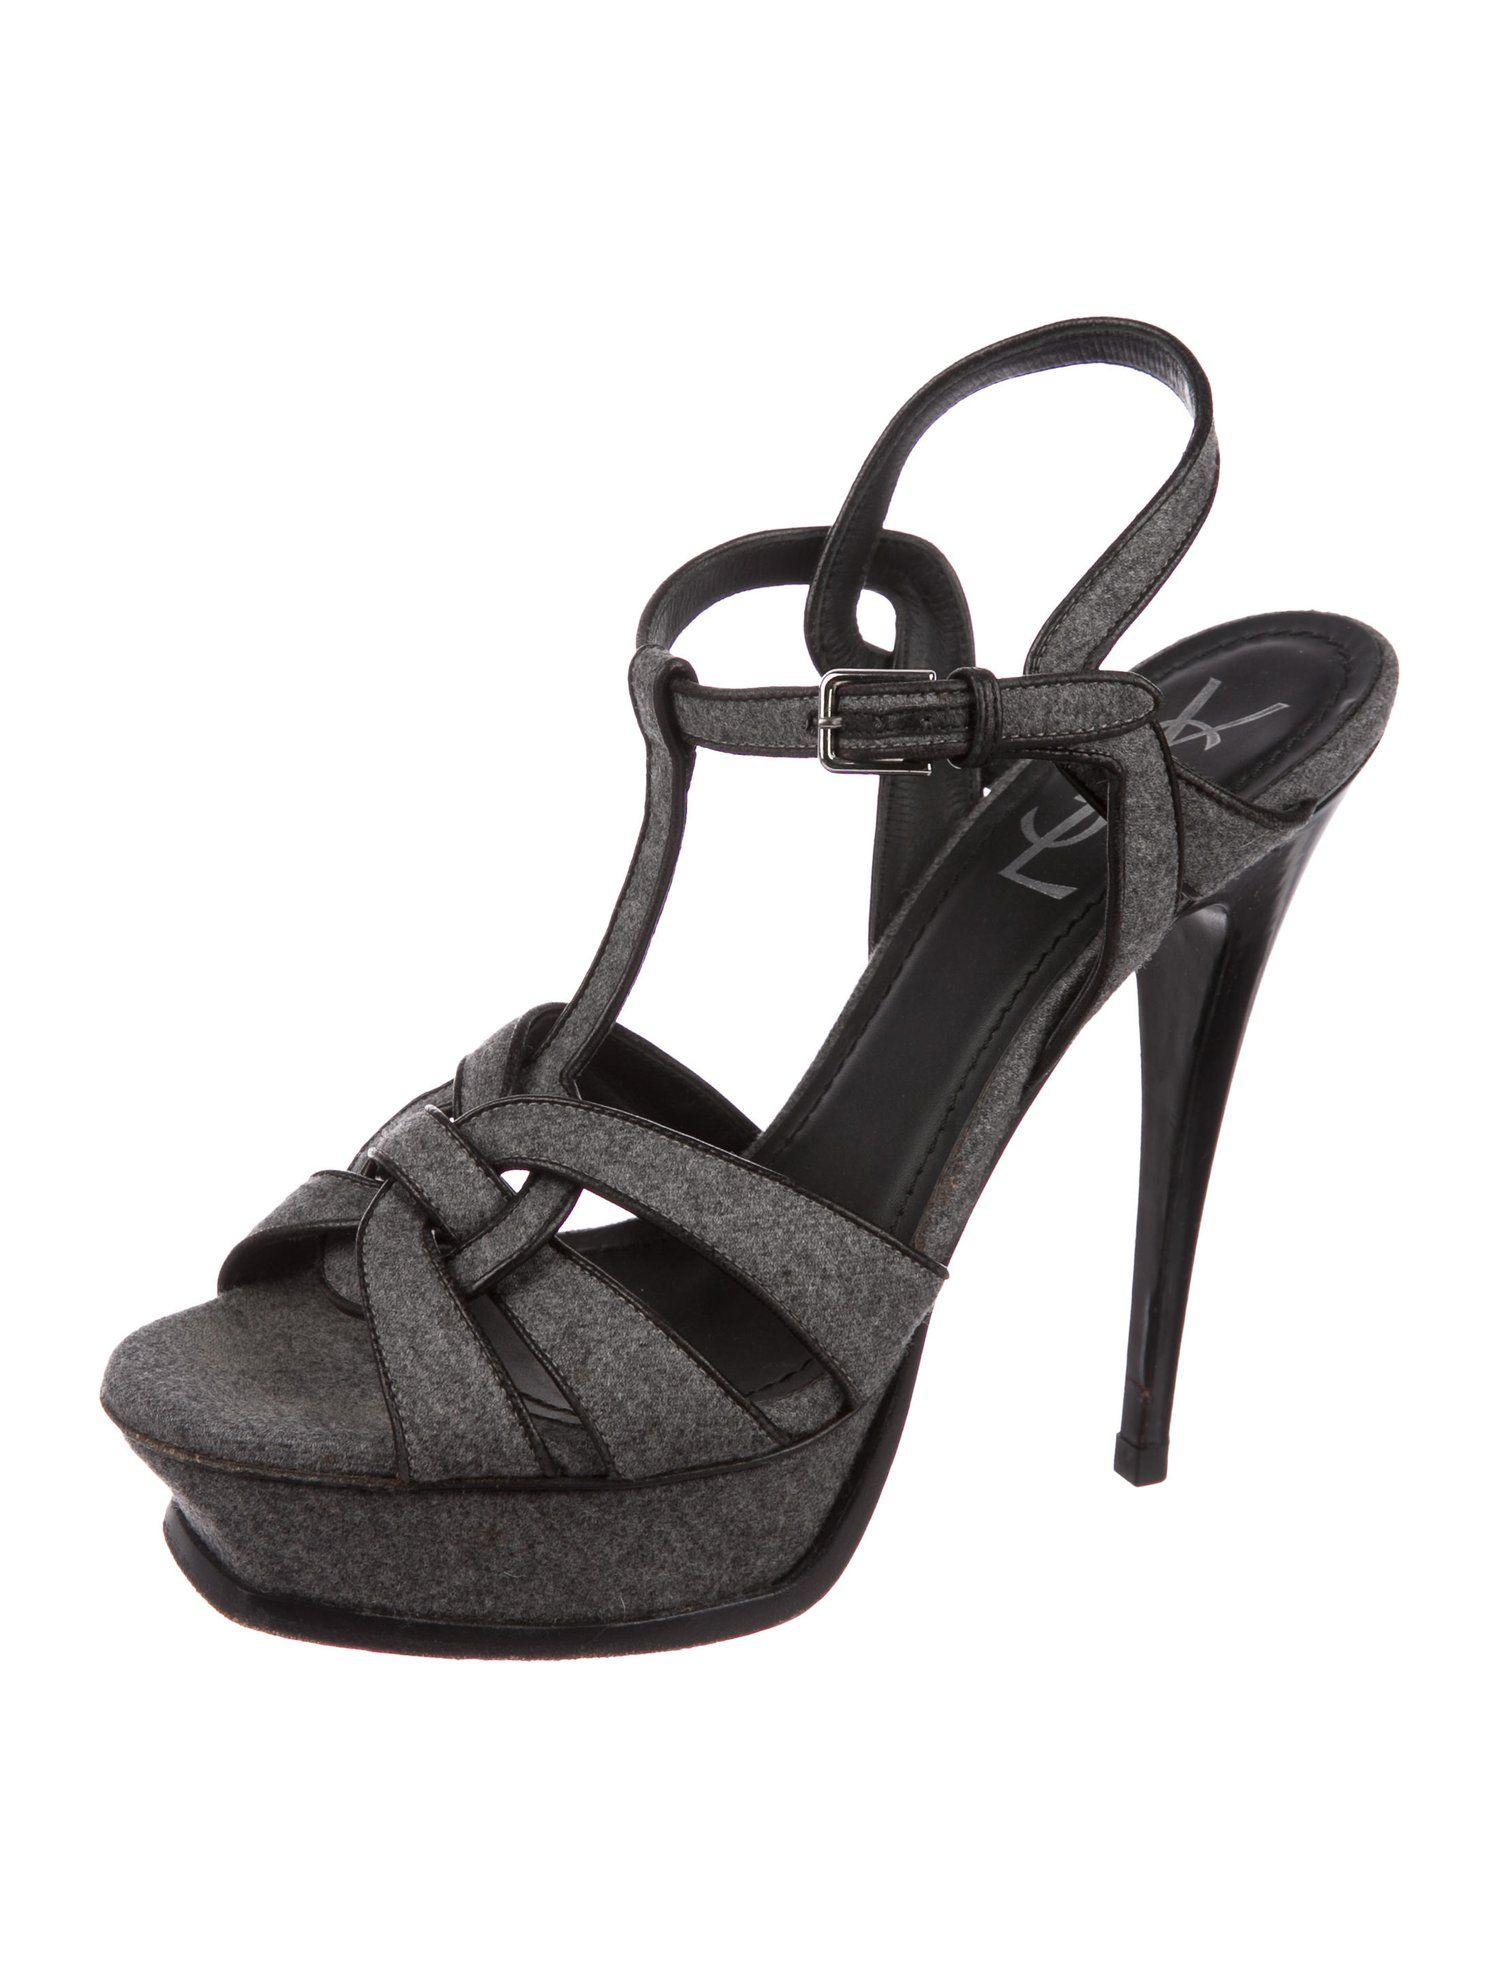 940a36f943ea Yves Saint Laurent Tribute Platform Sandals - Shoes - YVE80423